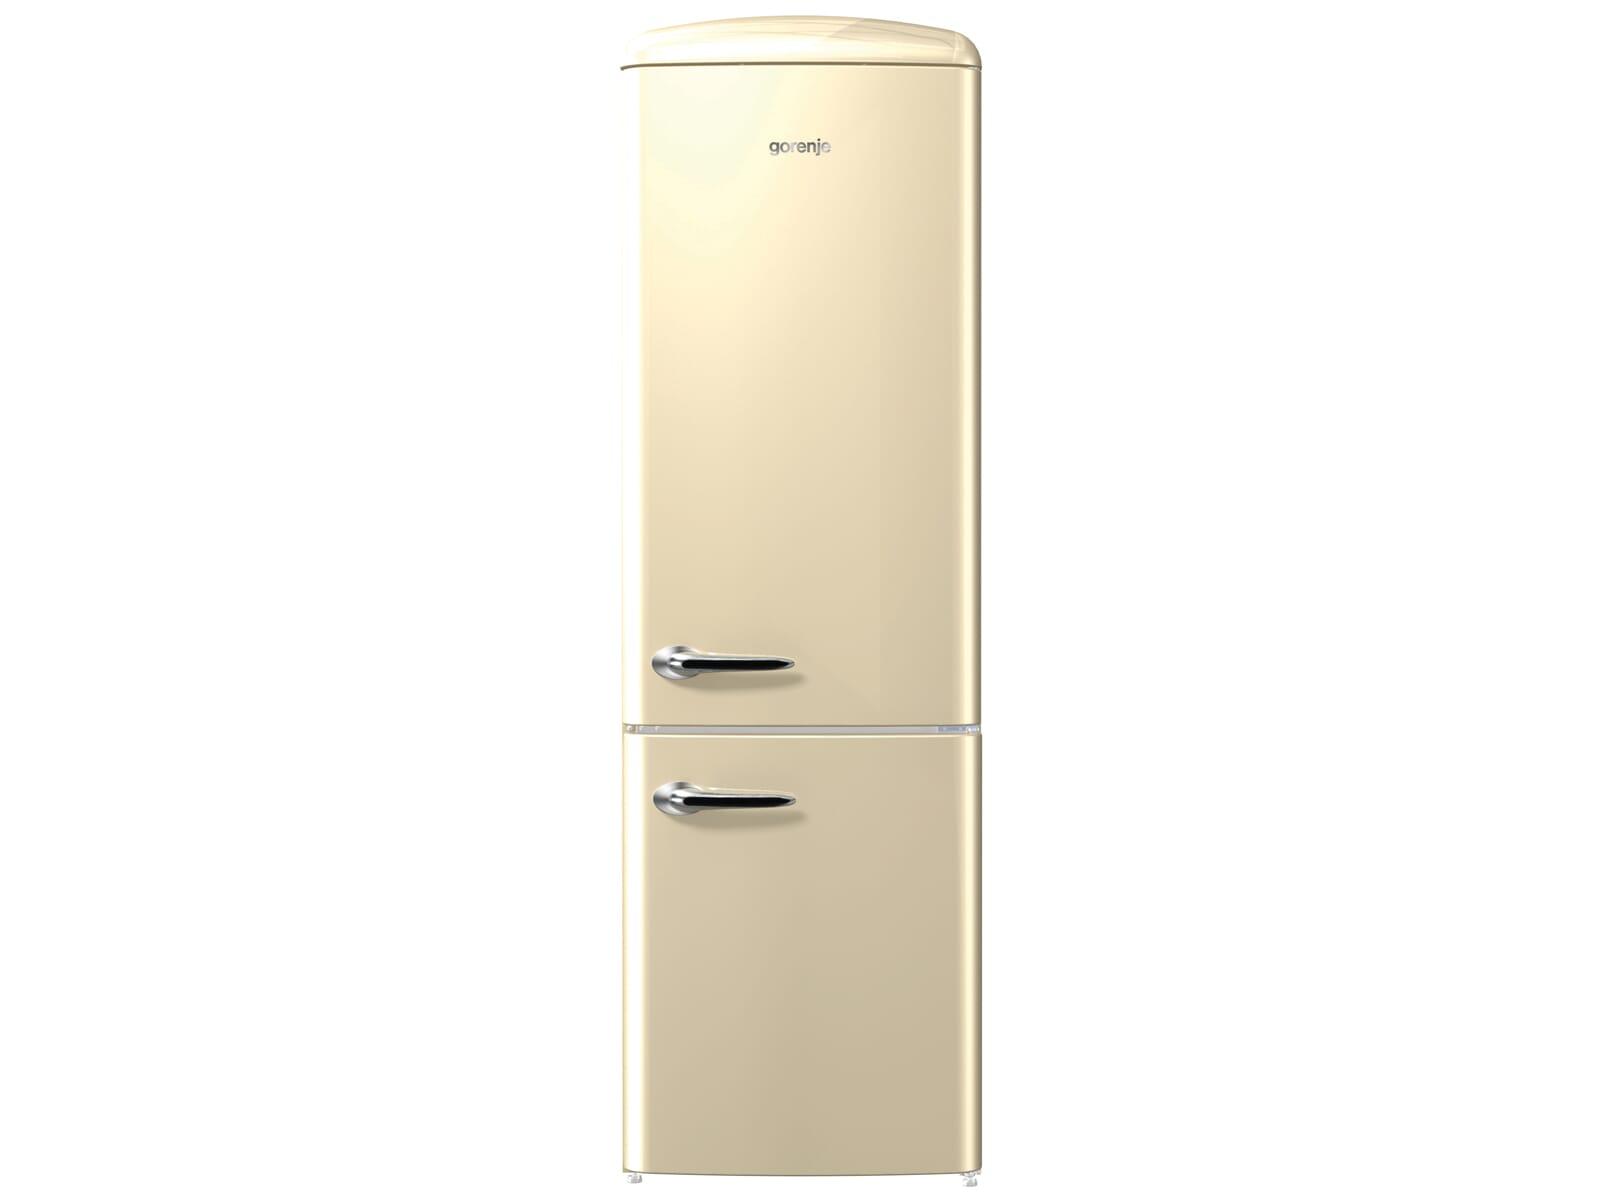 Gorenje Kühlschrank Ion Air : Gorenje onrk c kühl gefrierkombination champagne